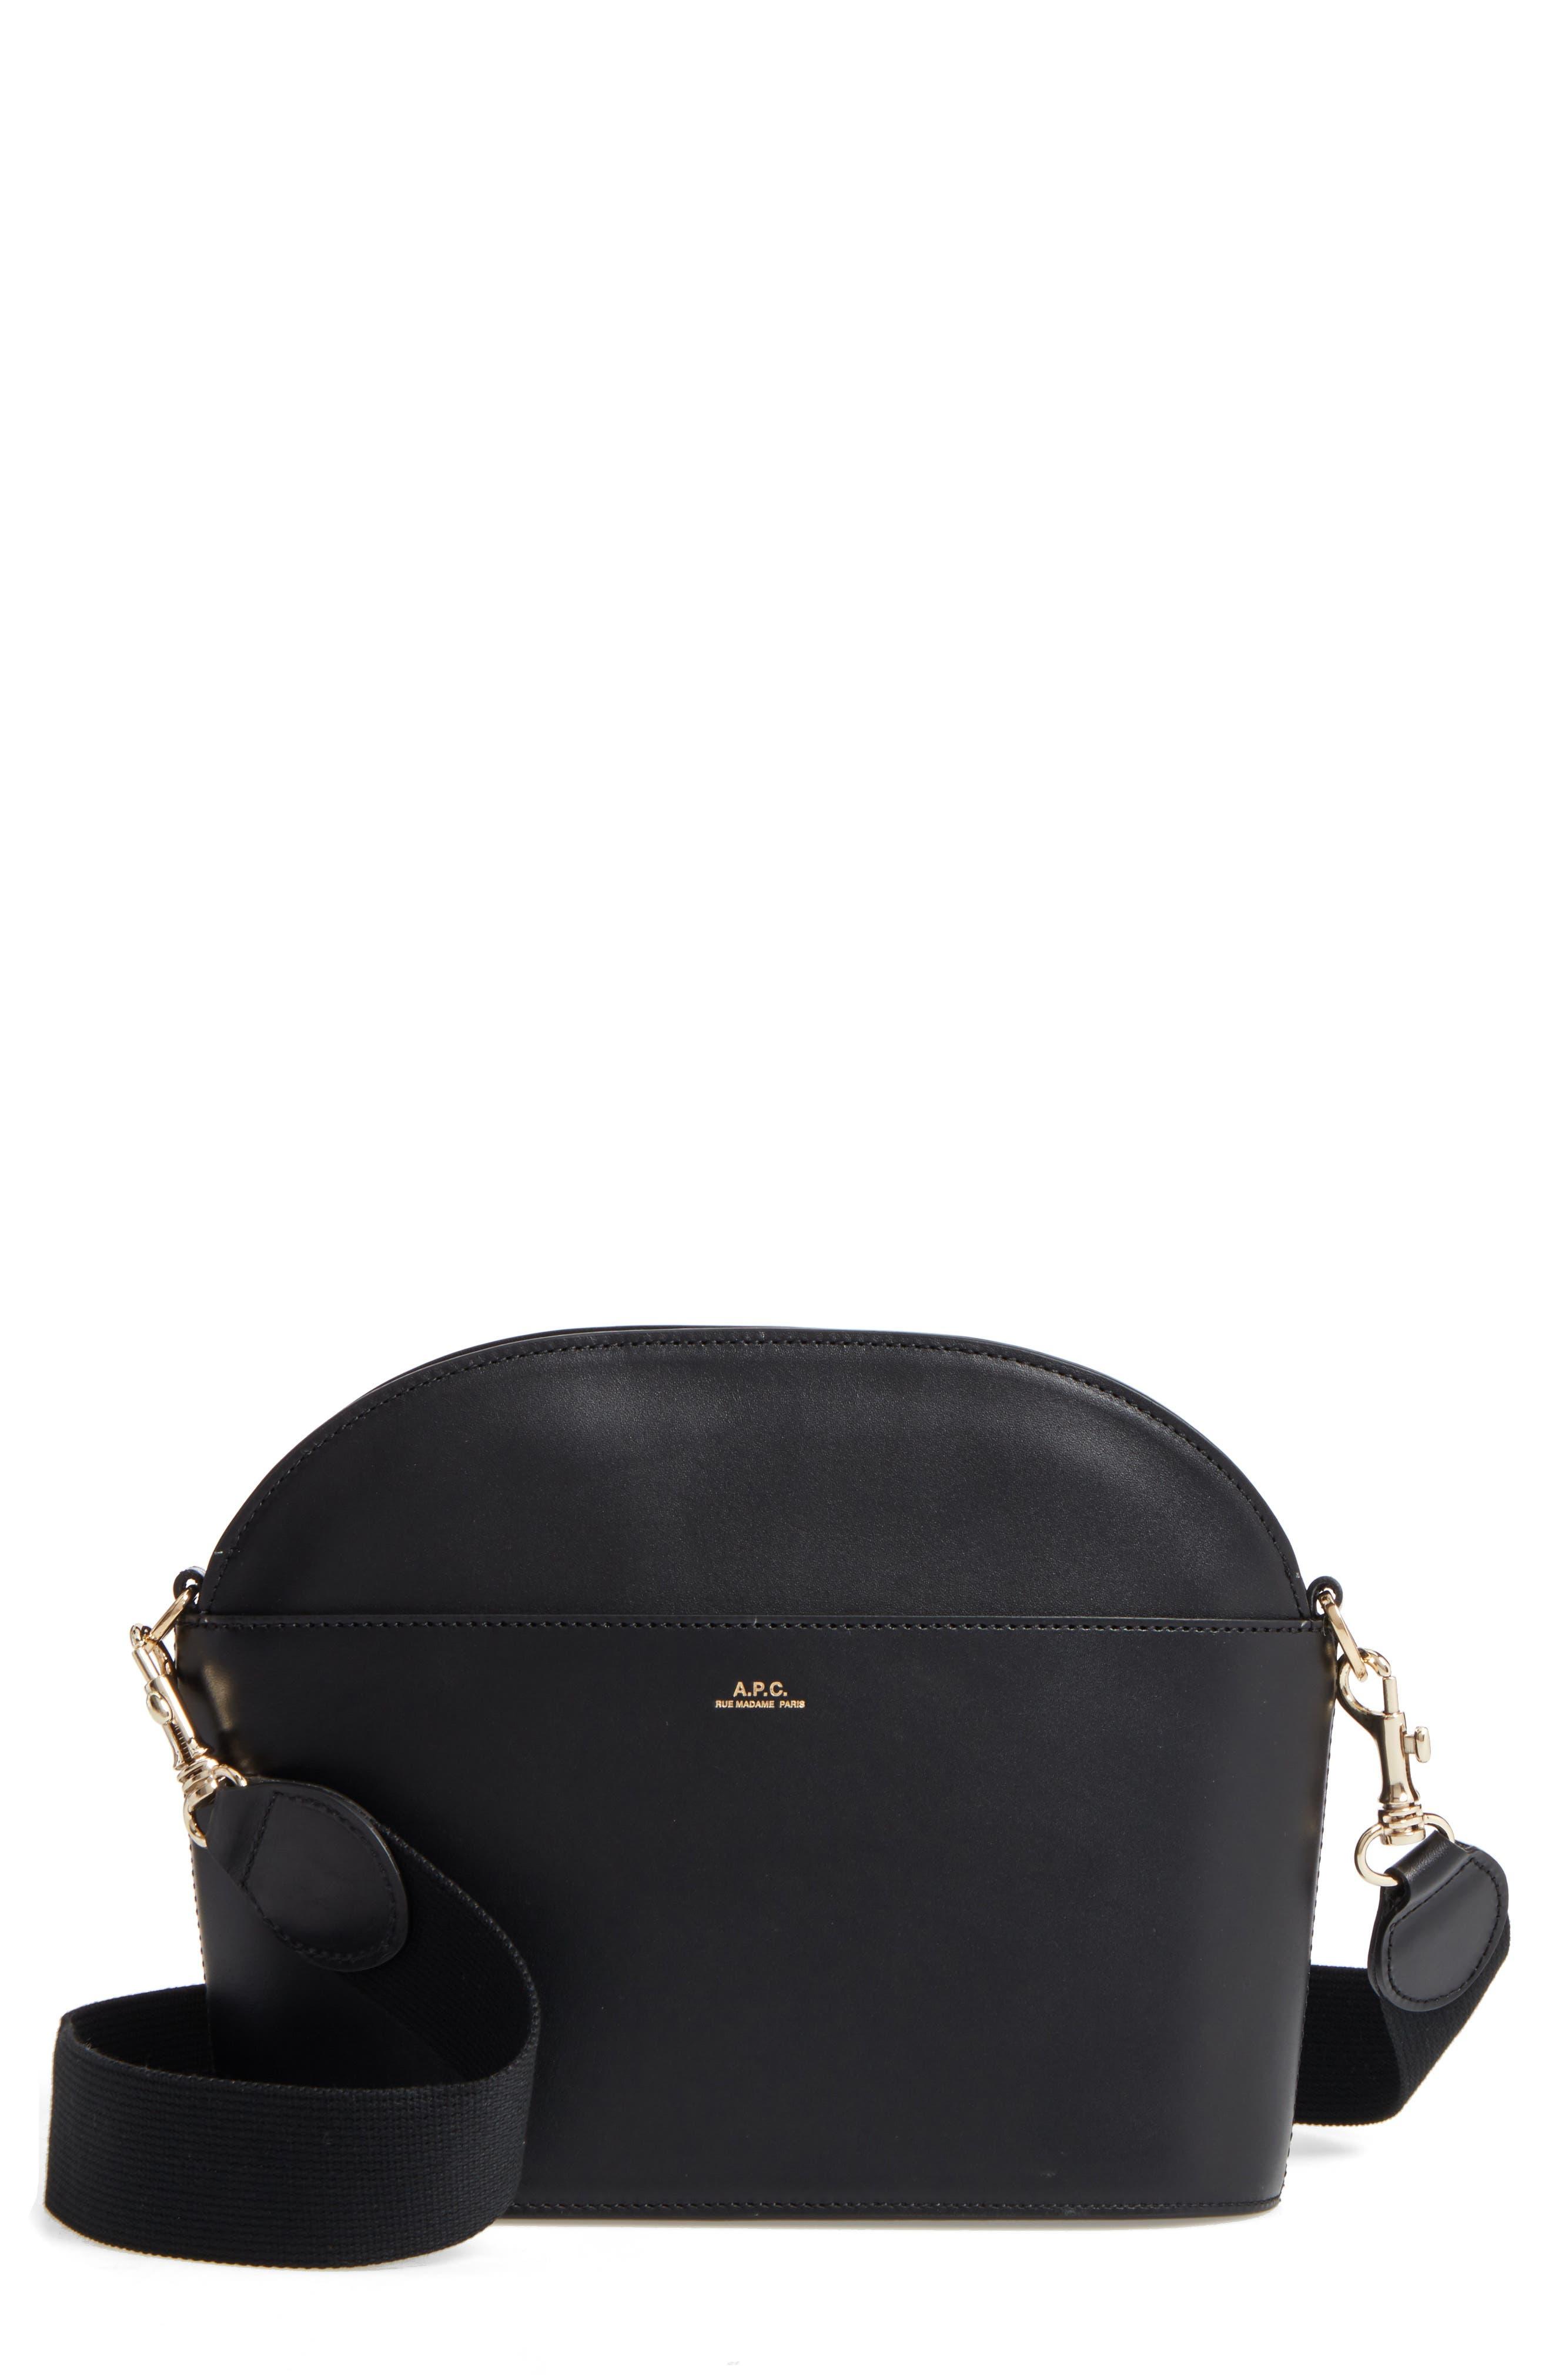 A.P.C., Gabrielle Leather Shoulder Bag, Main thumbnail 1, color, NOIR